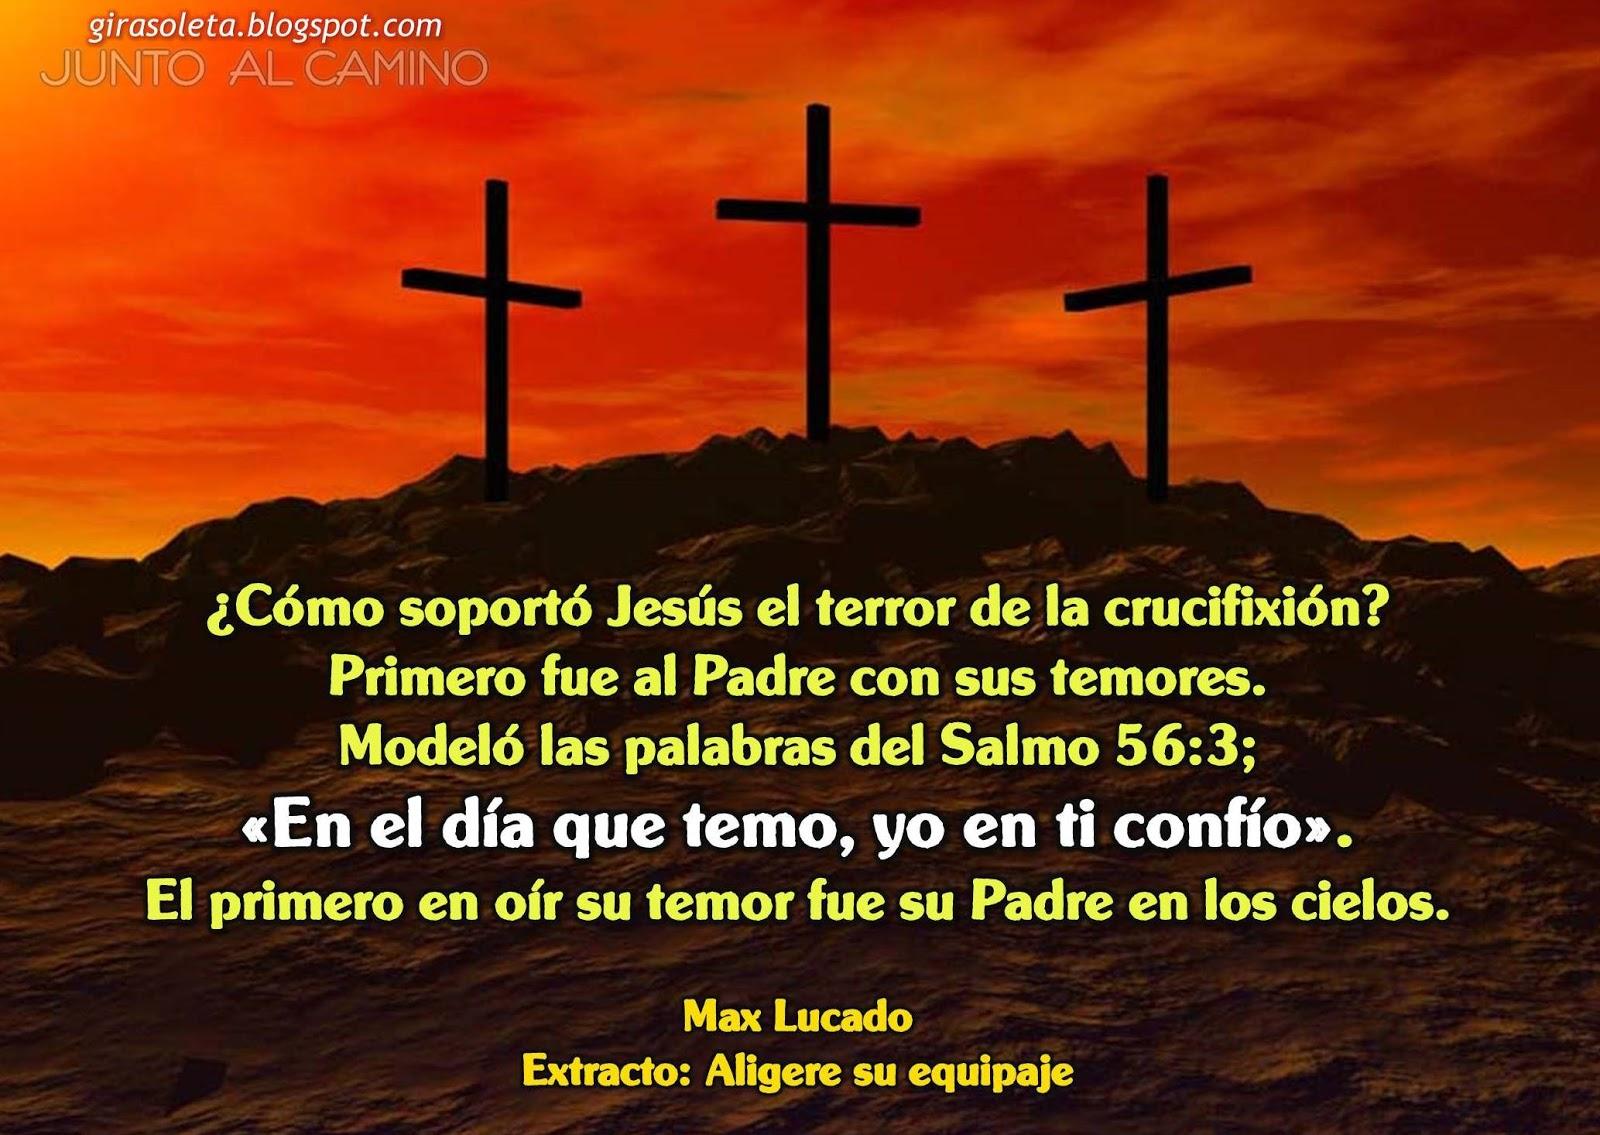 Junto Al Camino: IMÁGENES CON TEXTOS BÍBLICOS PARA SEMANA